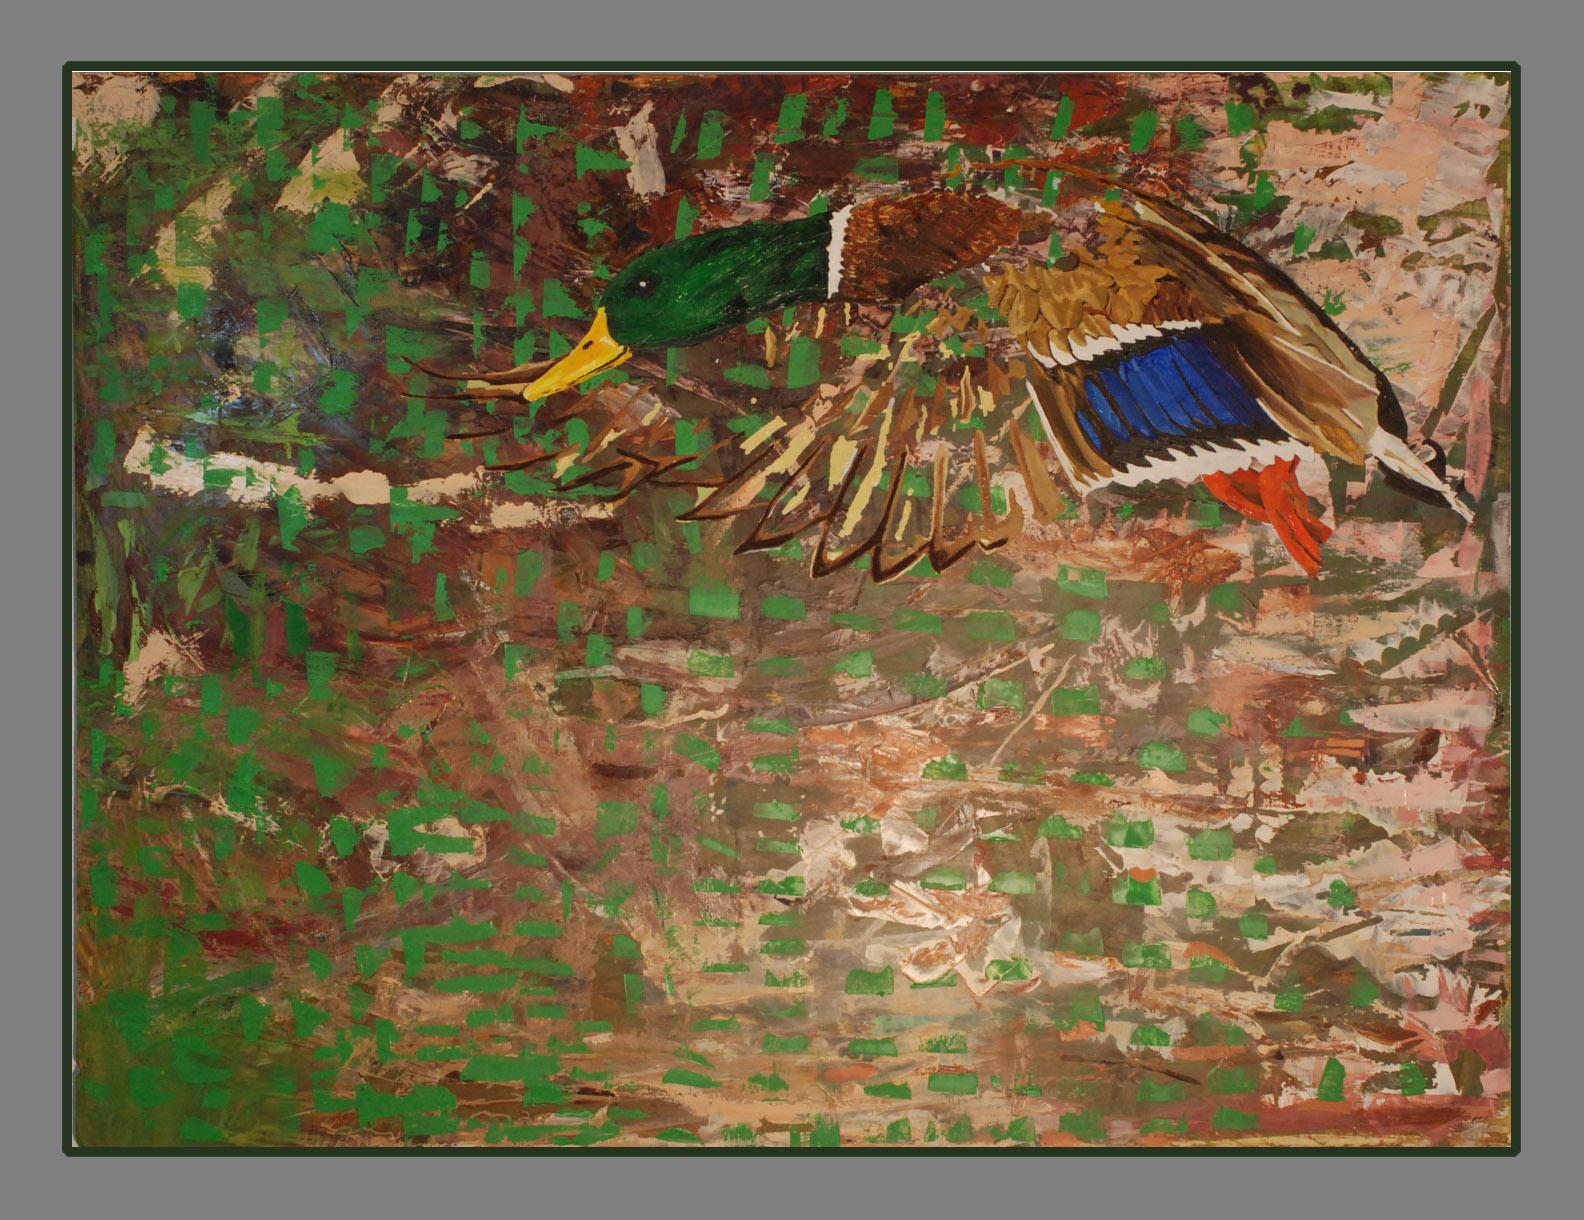 """Mallard, 30""""x40"""" oil on board, 2016"""